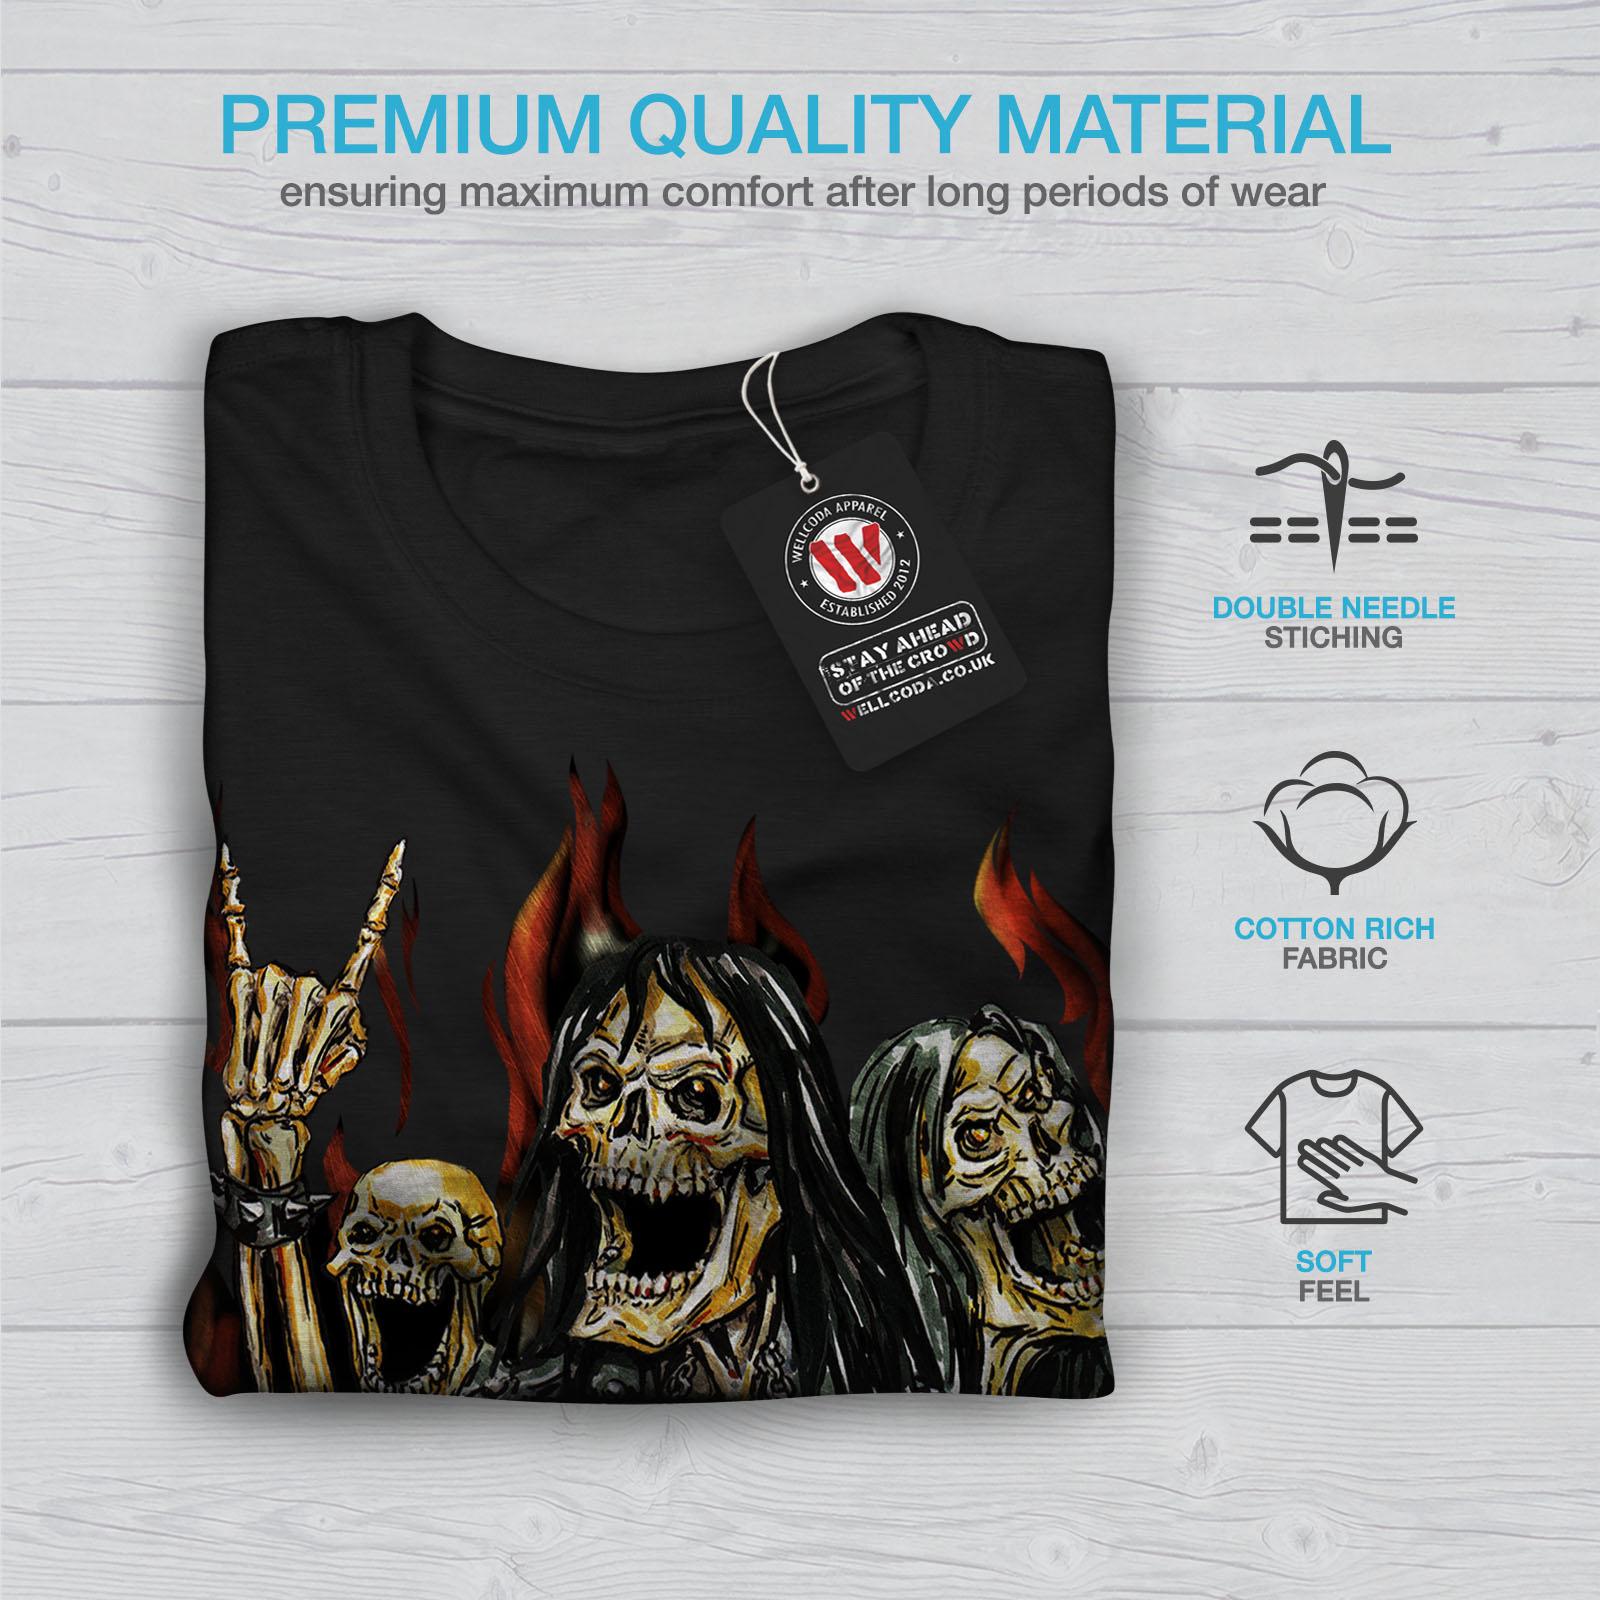 Wellcoda Scheletro Rock Band Uomo T-shirt pesante Maglietta Graphic Design Stampato